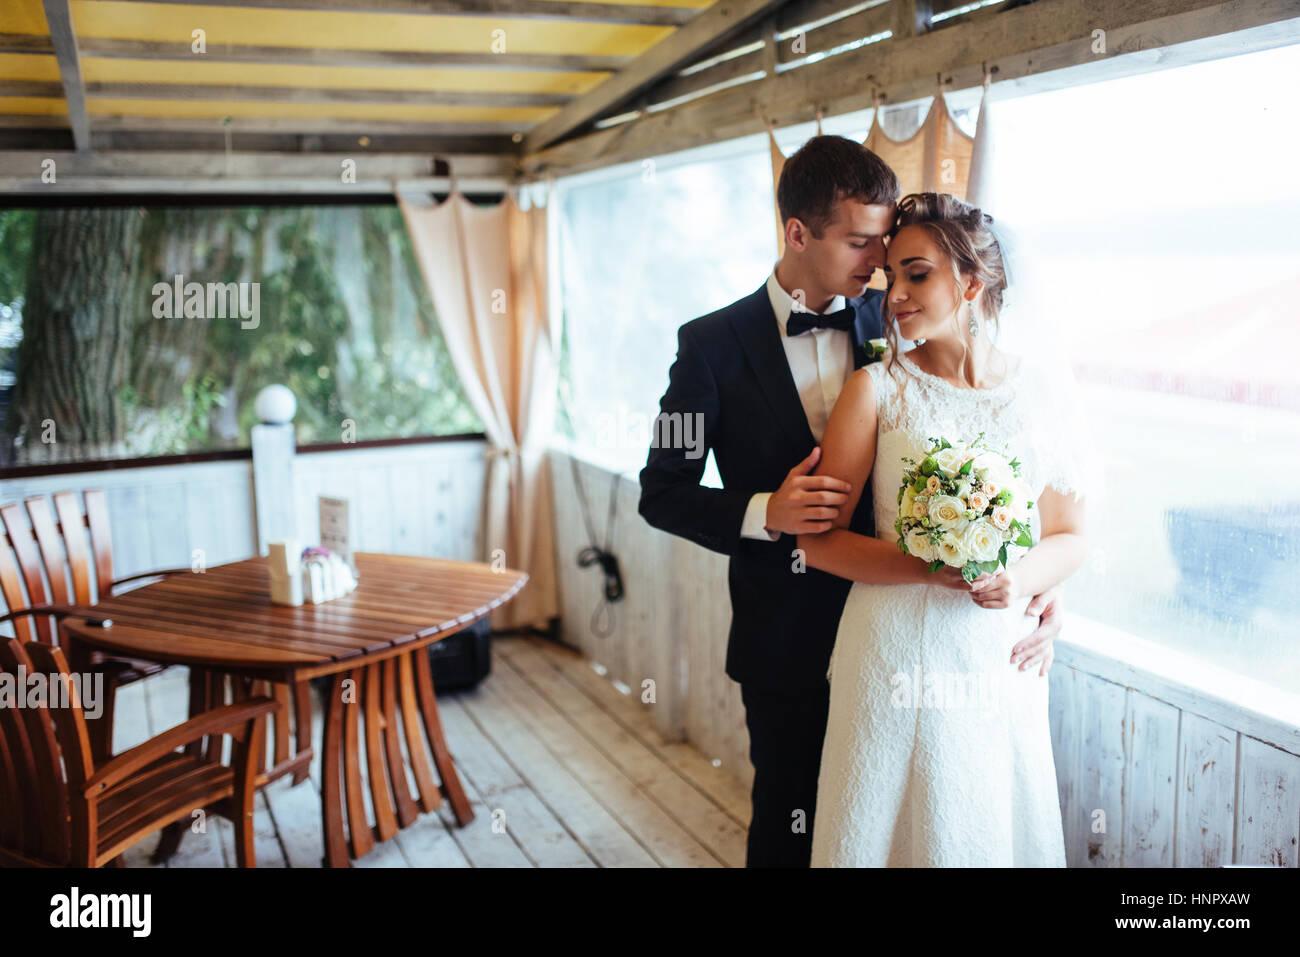 Sposa e lo sposo in cafe una piscina esterna Immagini Stock